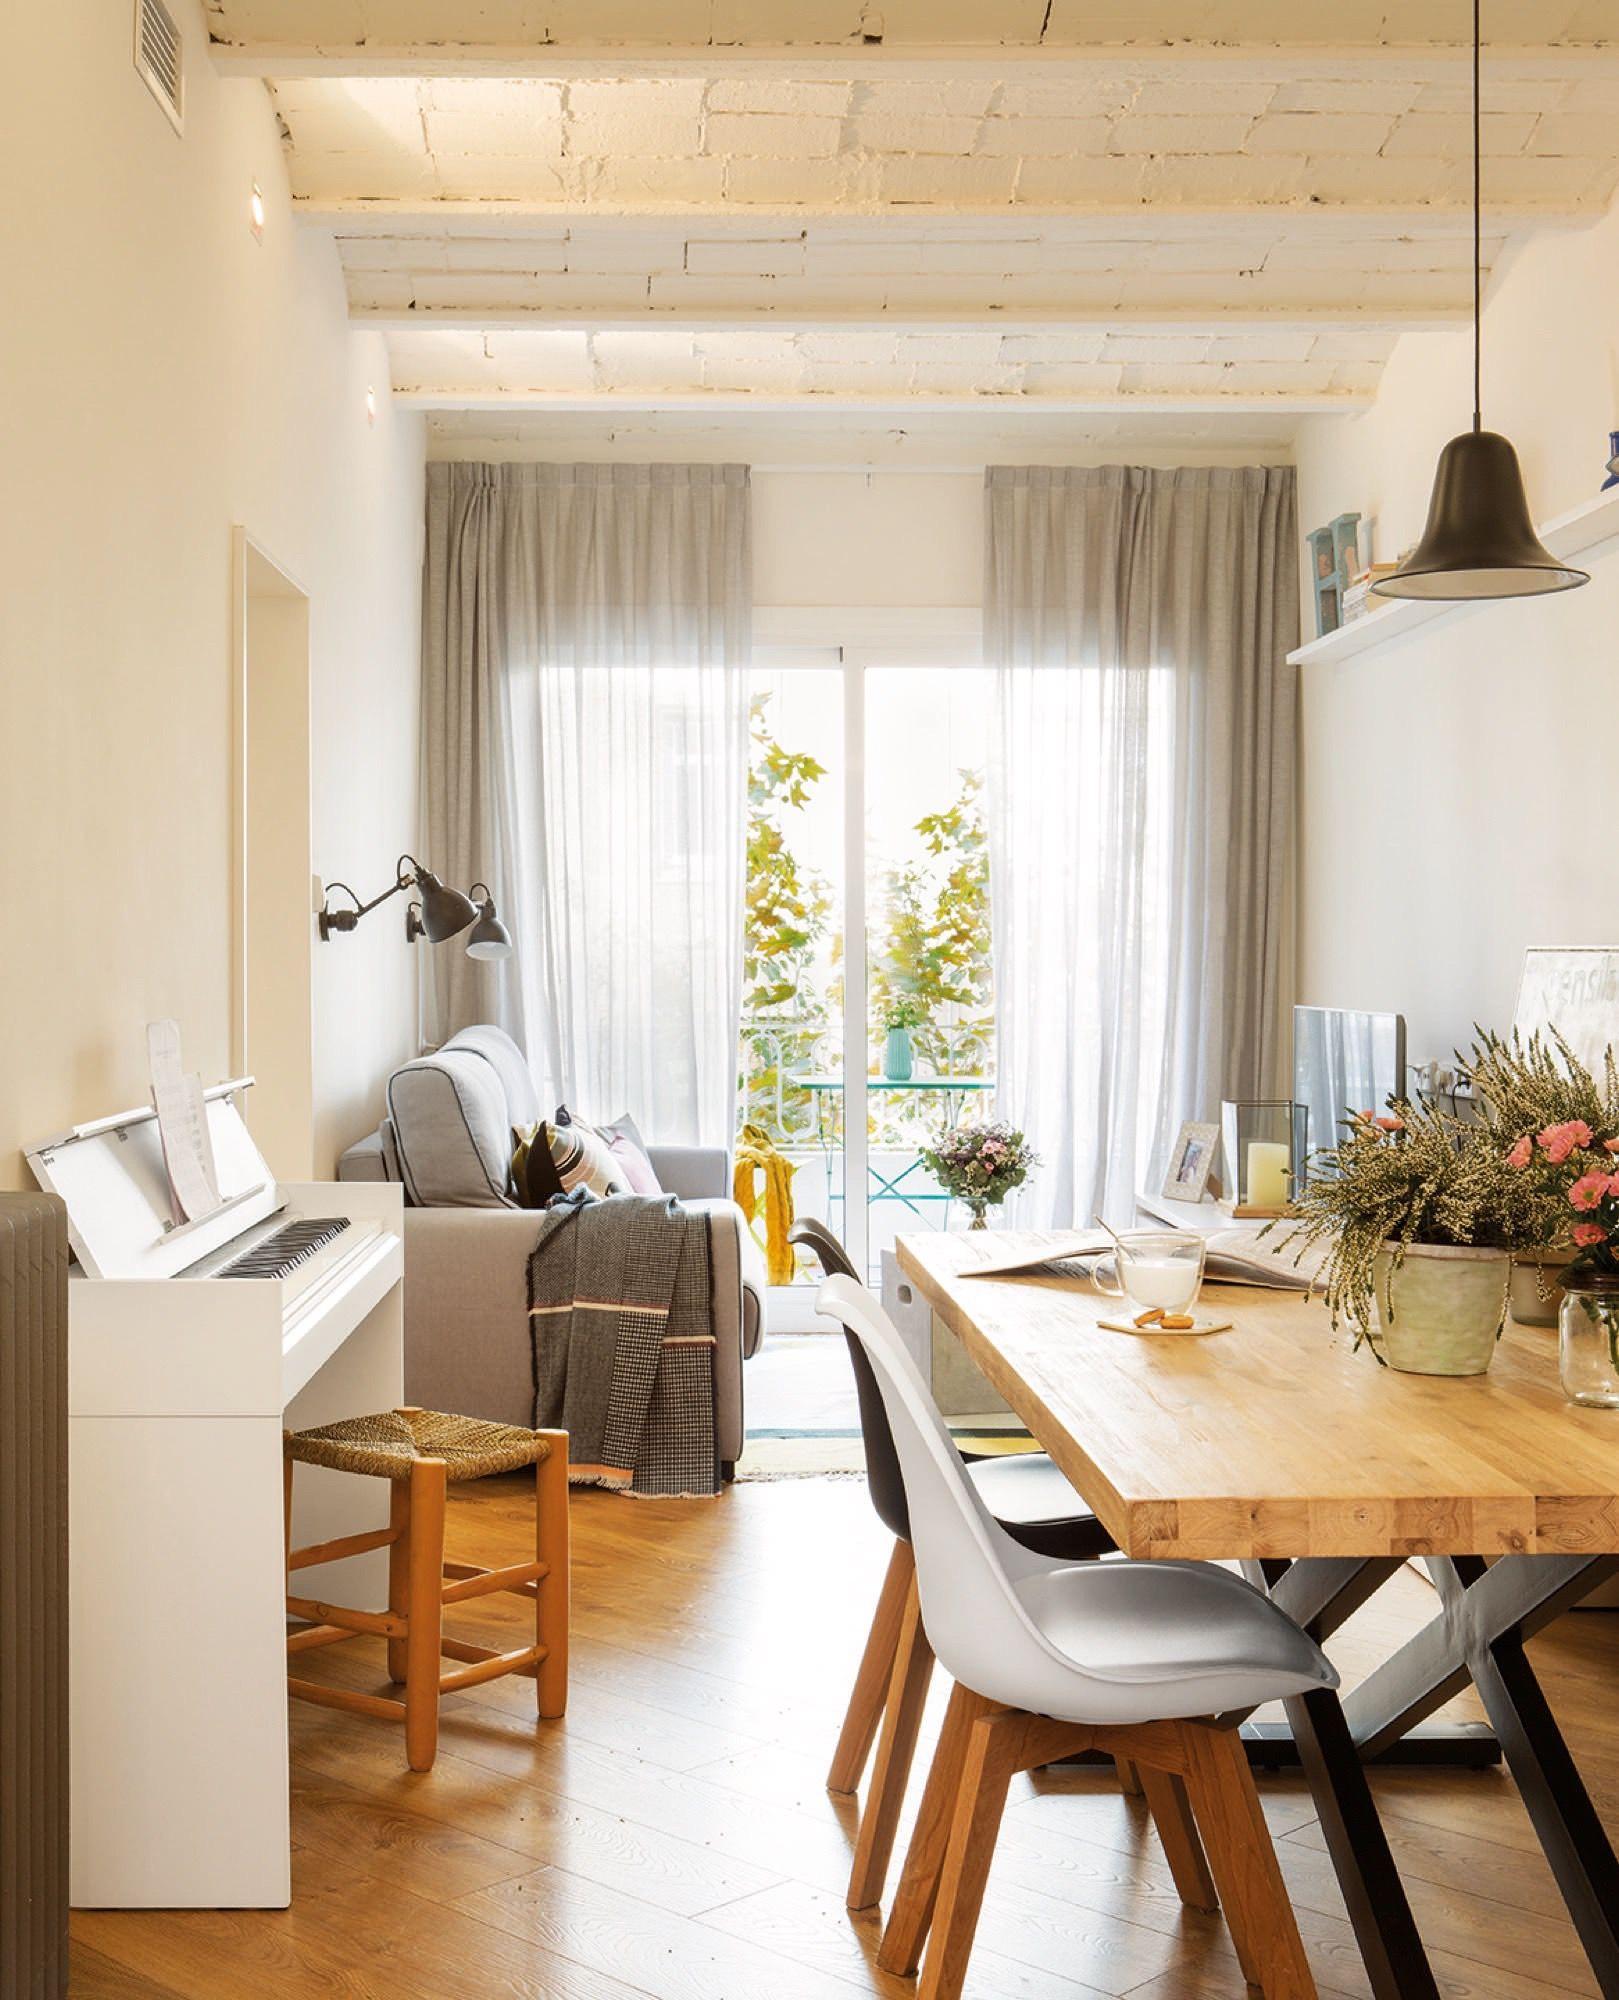 salon comedor en un piso de 80 metros en Barcelona | DaiCasa ...